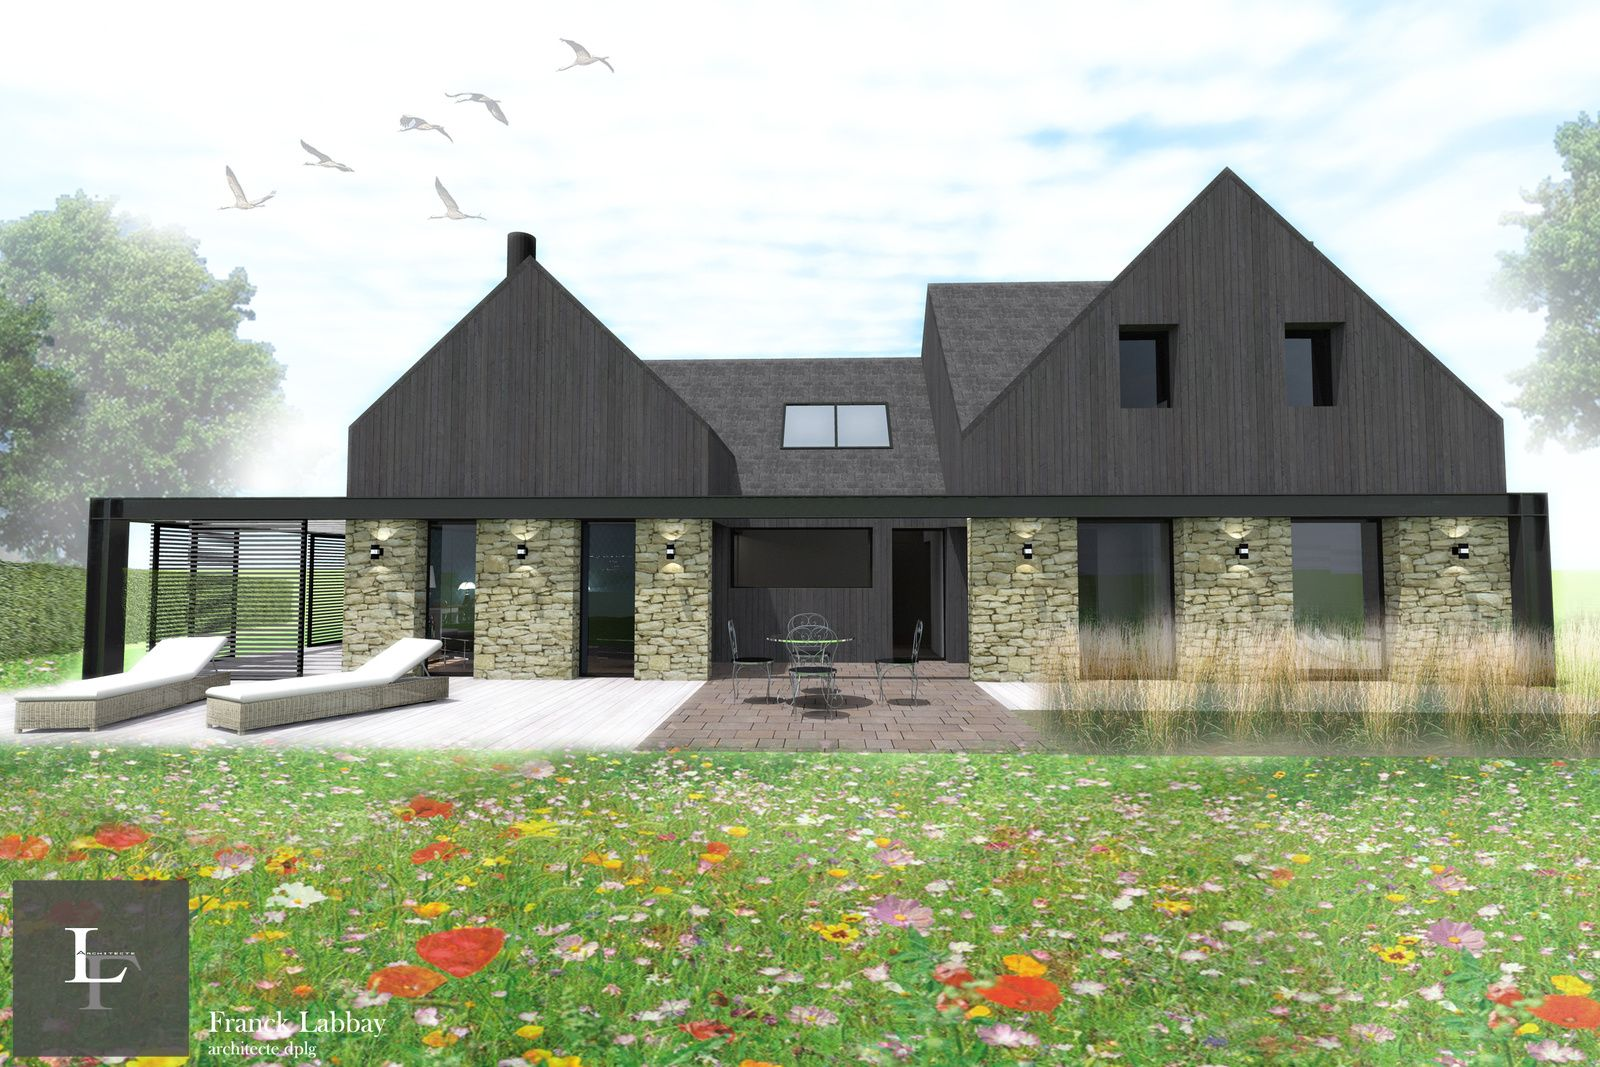 Agrandissement Maison Néo Bretonne maison g - extension et renovation d'une maison neo bretonne